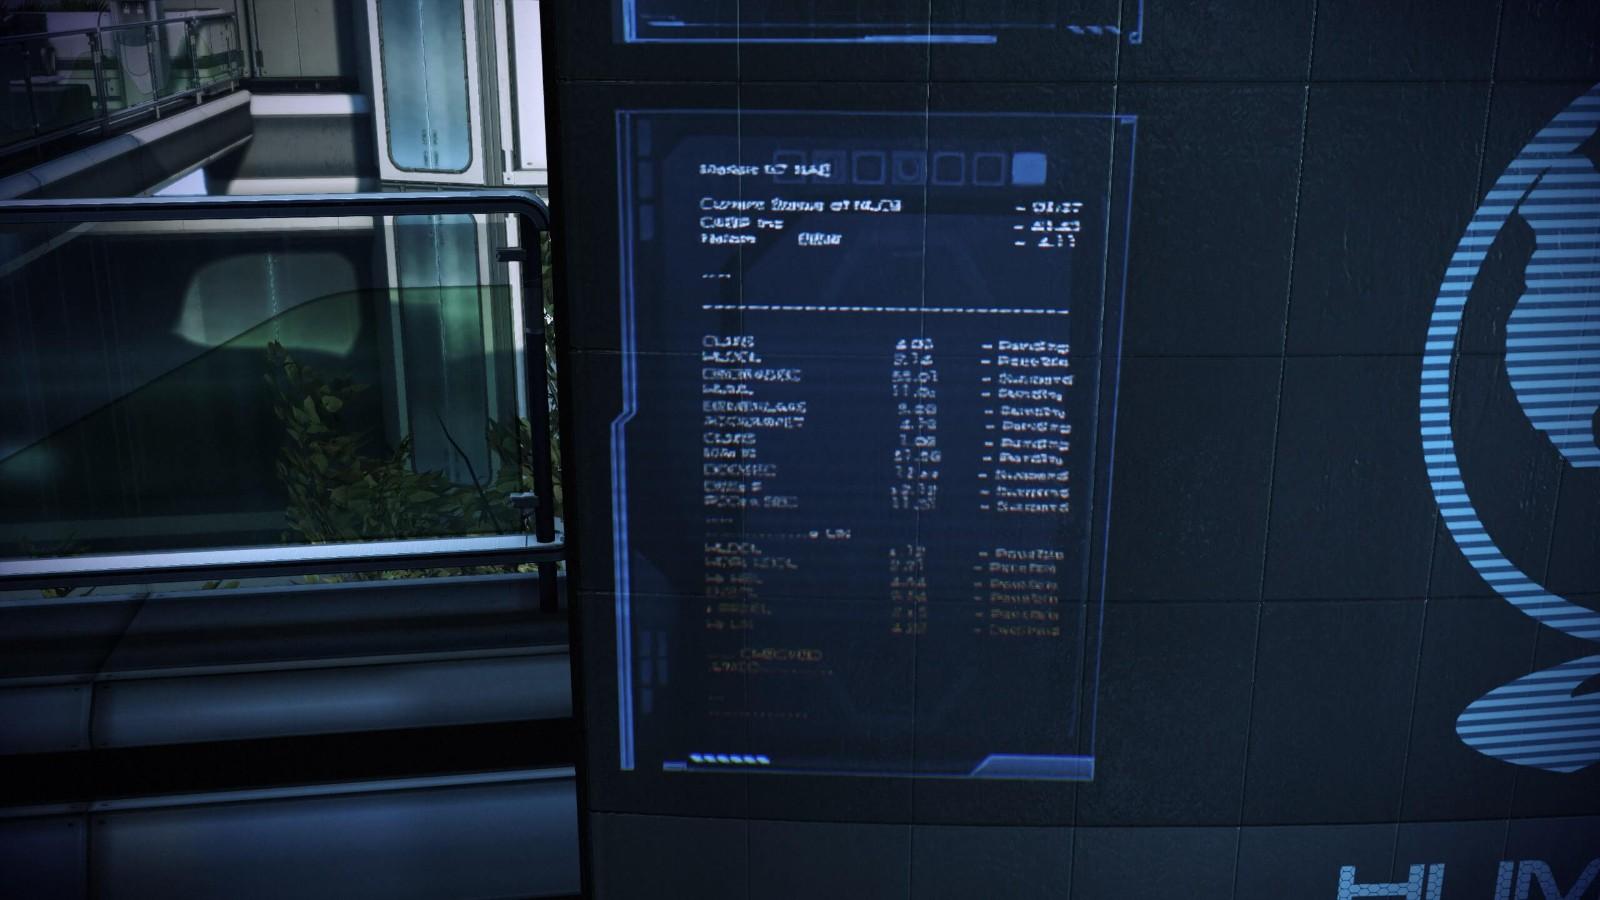 《质量效应:传奇版》最好的画质MOD发布 截图对比  第2张